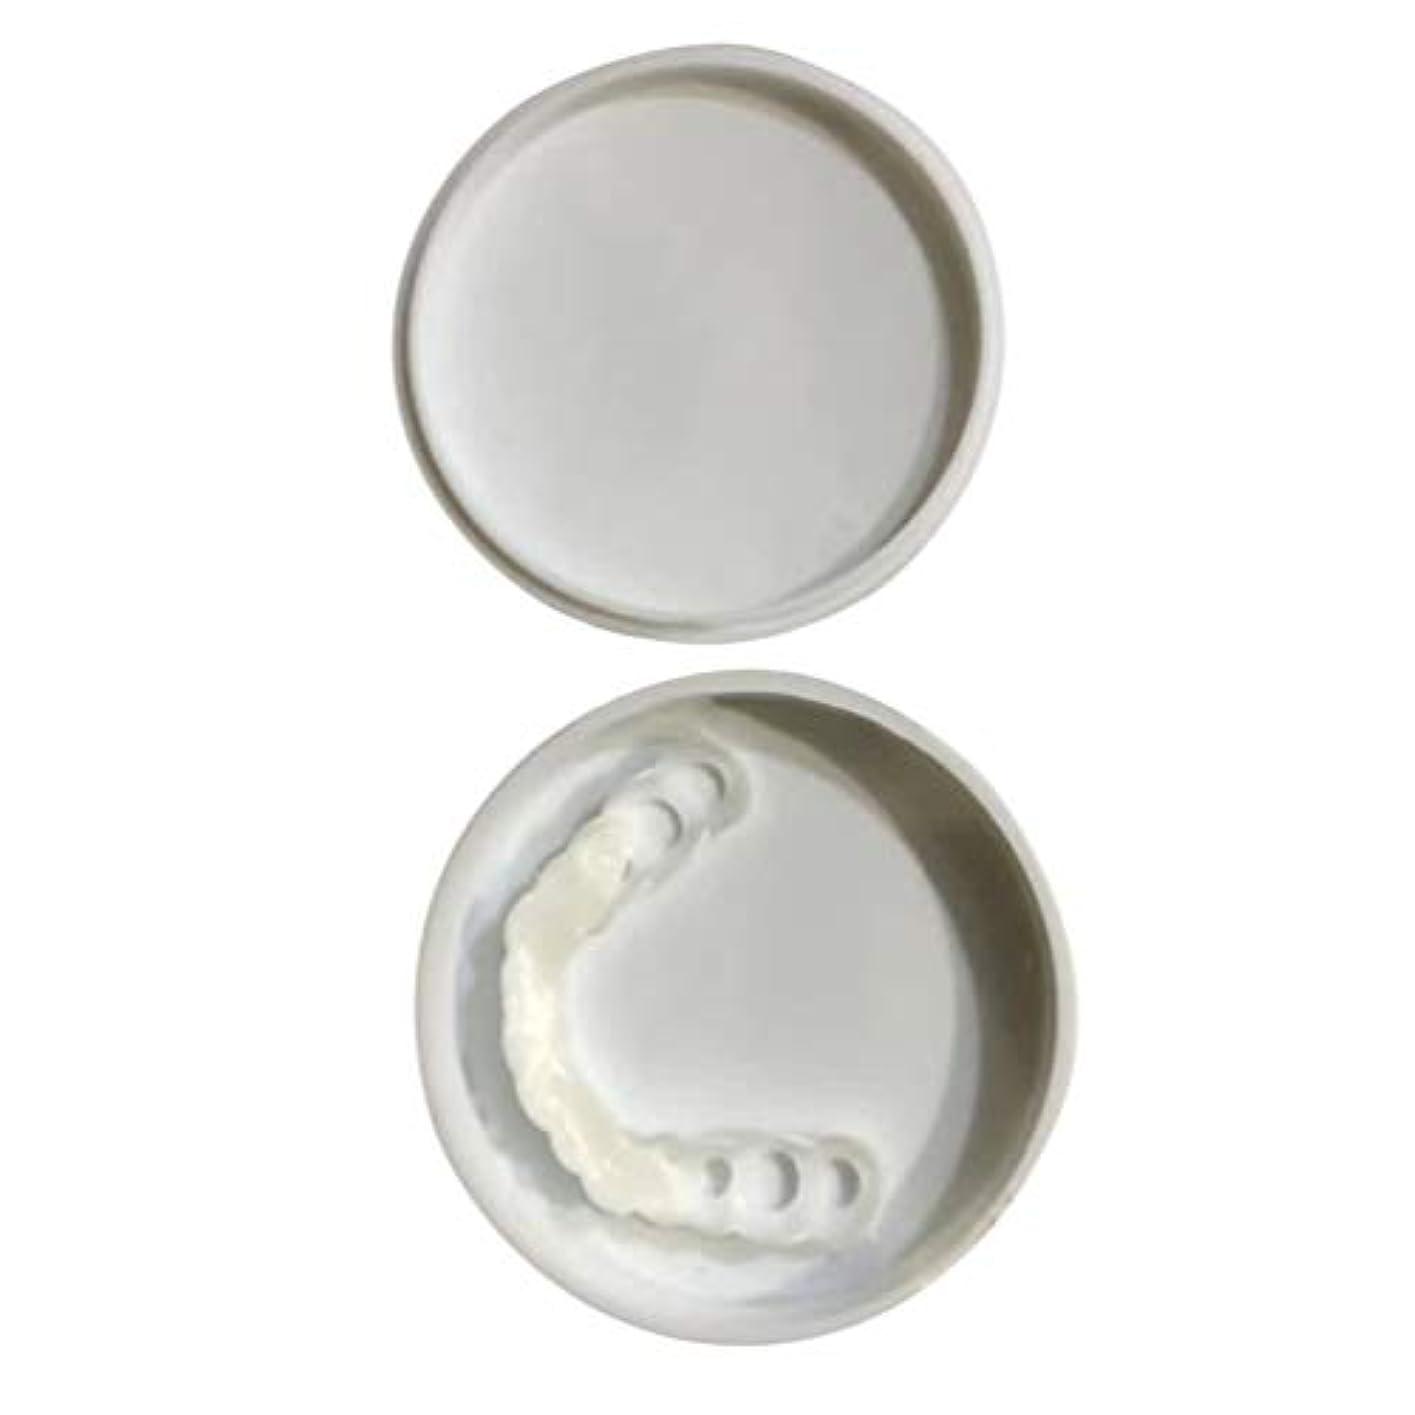 周術期夕食を作るまで快適なスナップオン男性女性歯インスタントパーフェクトスマイルコンフォートフィットフレックス歯フィットホワイトニング笑顔偽歯カバー - ホワイト